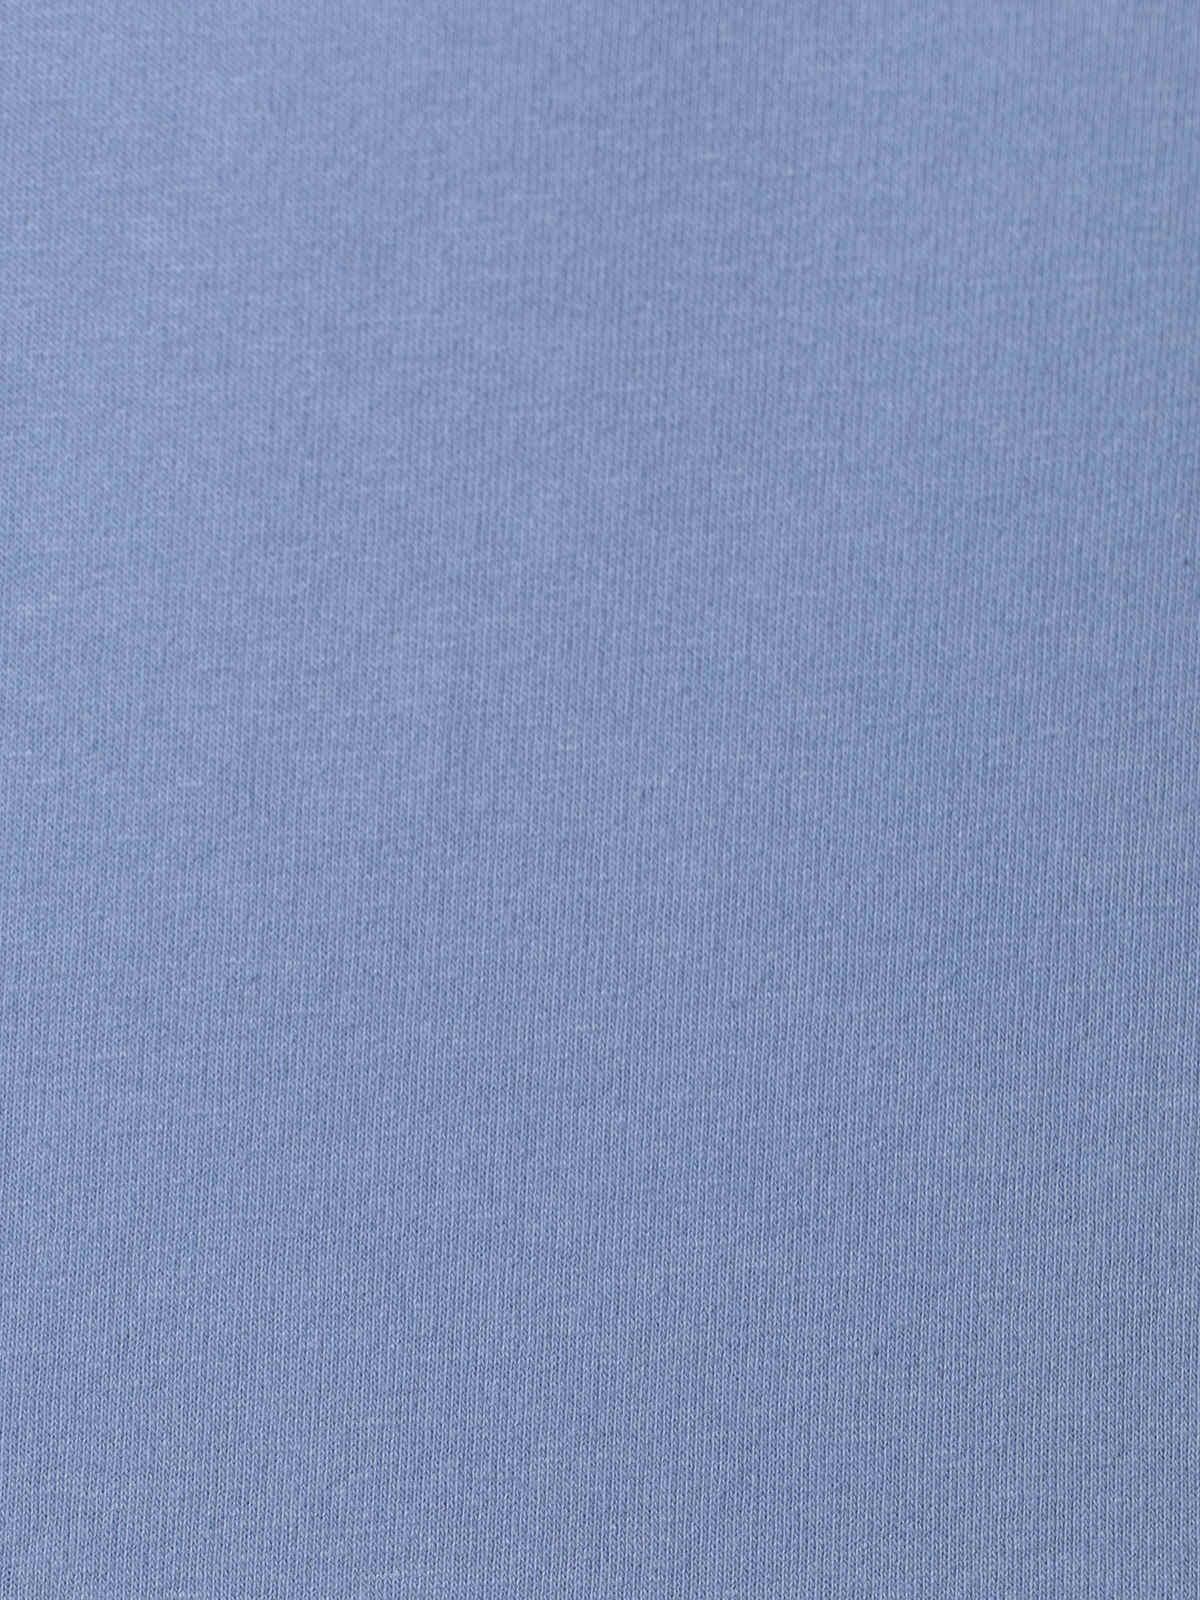 Sudadera mujer bolsillos detalle ajustable en bajo Azul